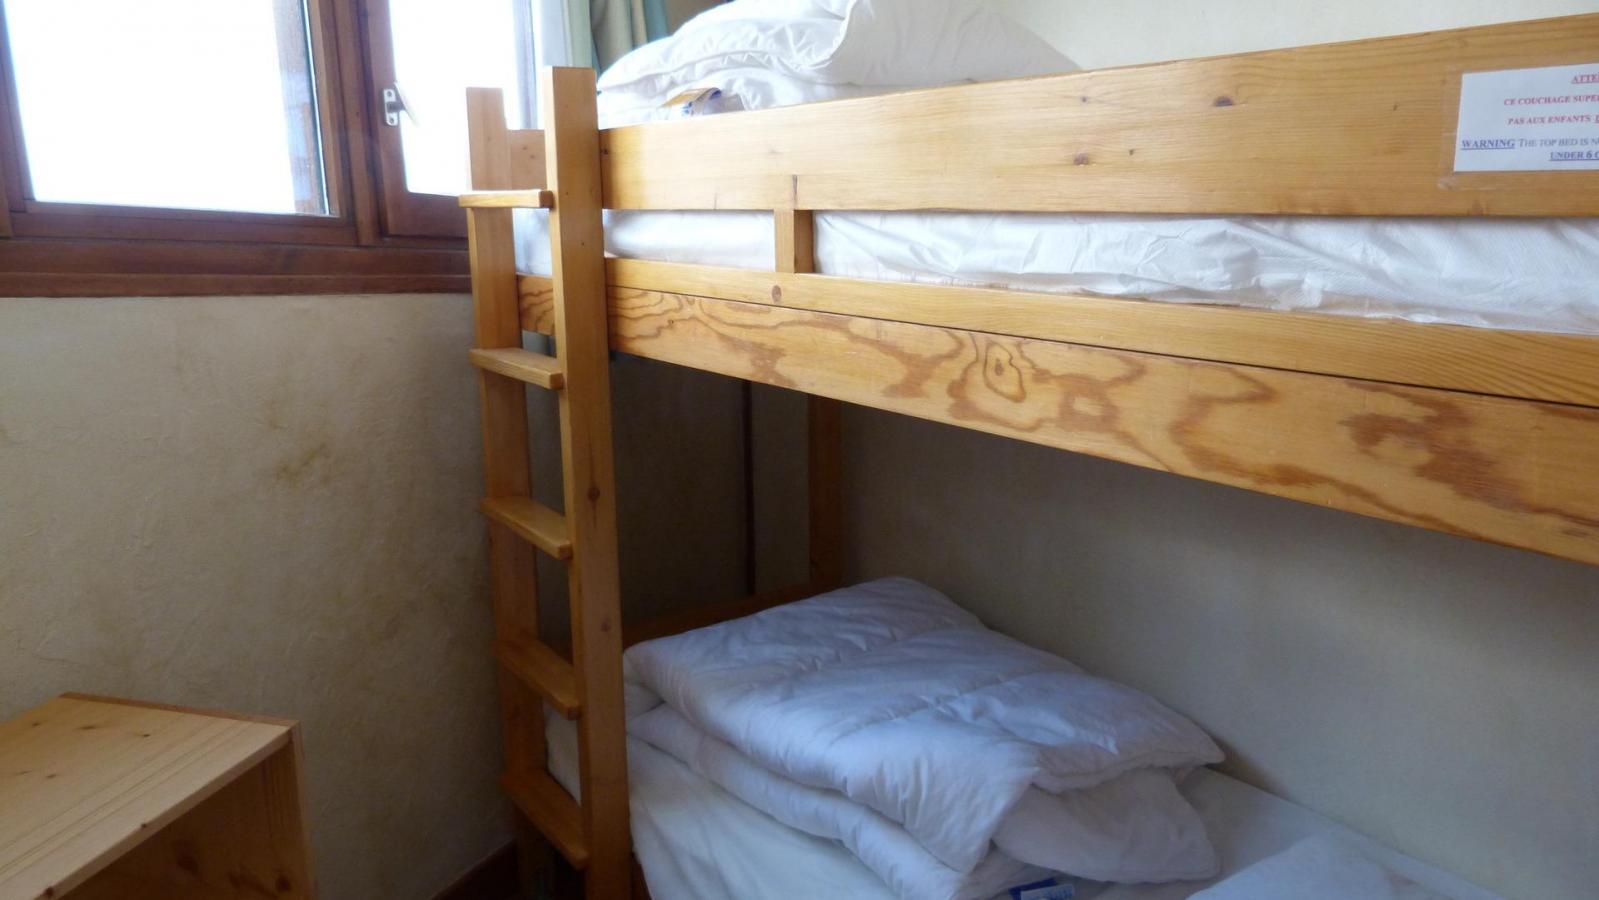 Location au ski Appartement 3 pièces 6 personnes (907) - Residence Le Ruitor - Les Arcs - Lits superposés